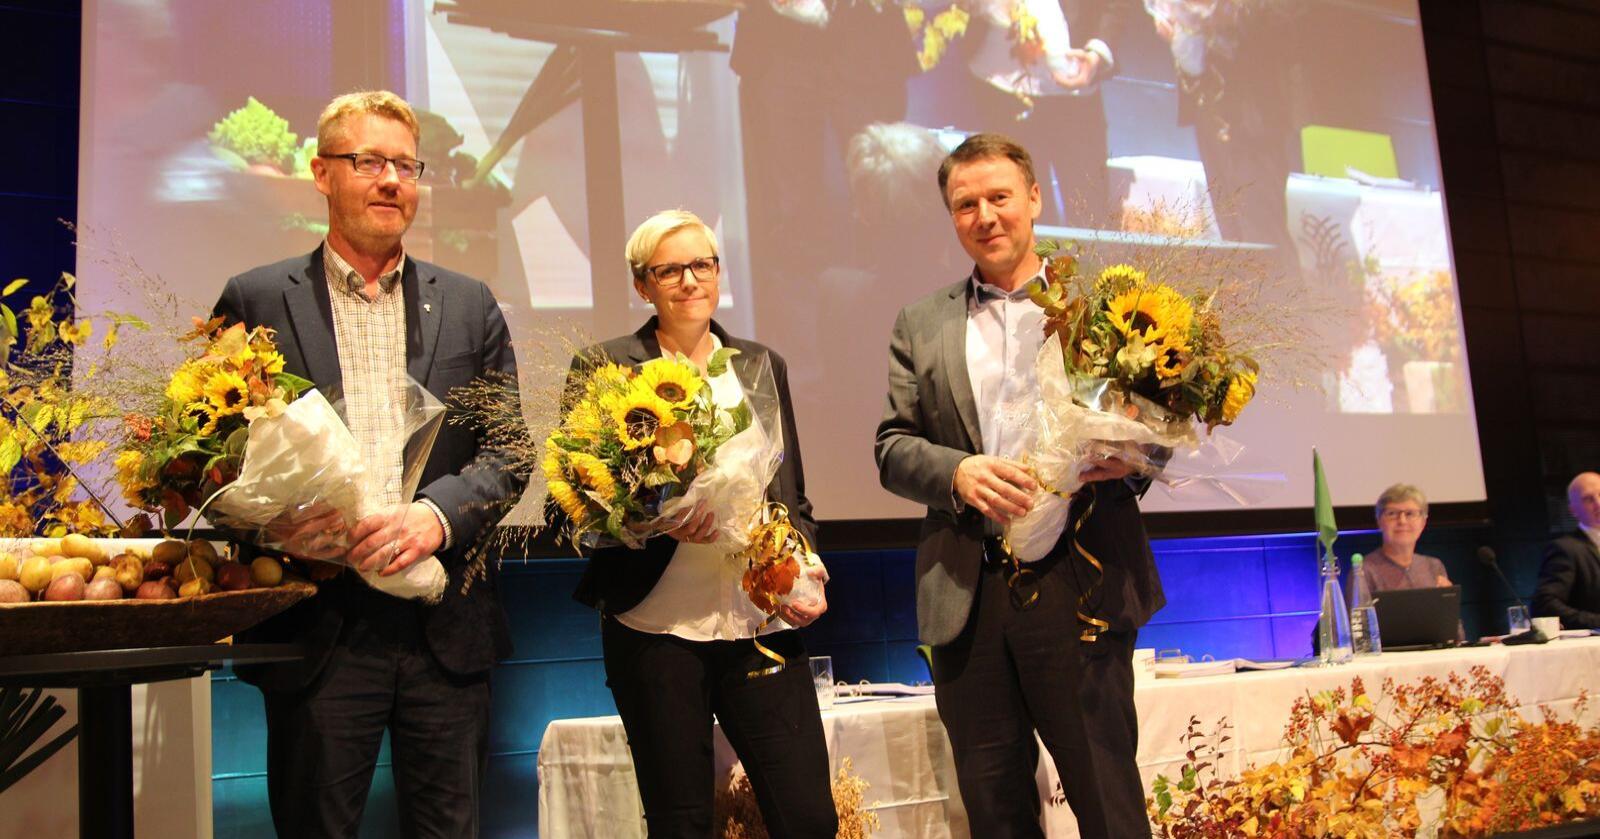 Lars Petter Bartnes er gjenvalgt som leder av Norges Bondelag. Bjørn Gimming fortsetter som 1. nestleder. Bodhild Fjelltveit er valt til ny 2. nestleder. (Foto: Guro Bjørnstad/Norges Bondelag)